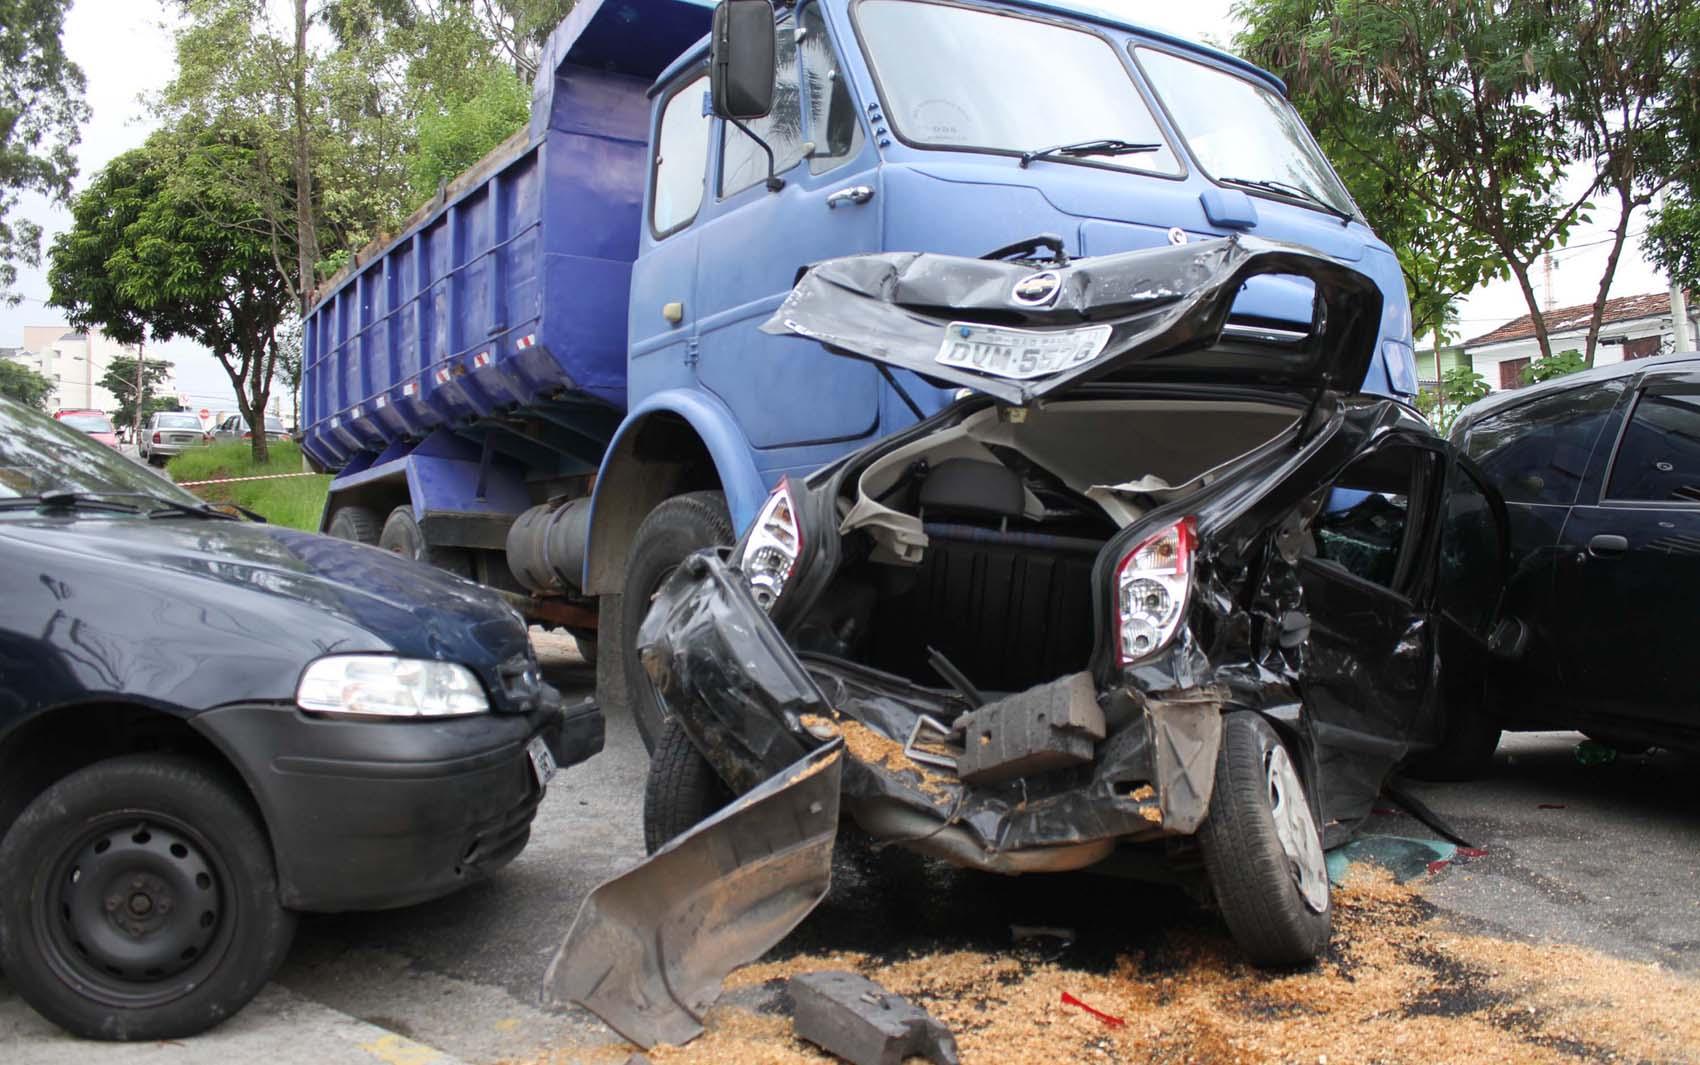 Caminhão desgovernado atingiu doze carros na zona norte de São Paulo (SP), na tarde desta quarta-feira (6). Não houve vítimas.